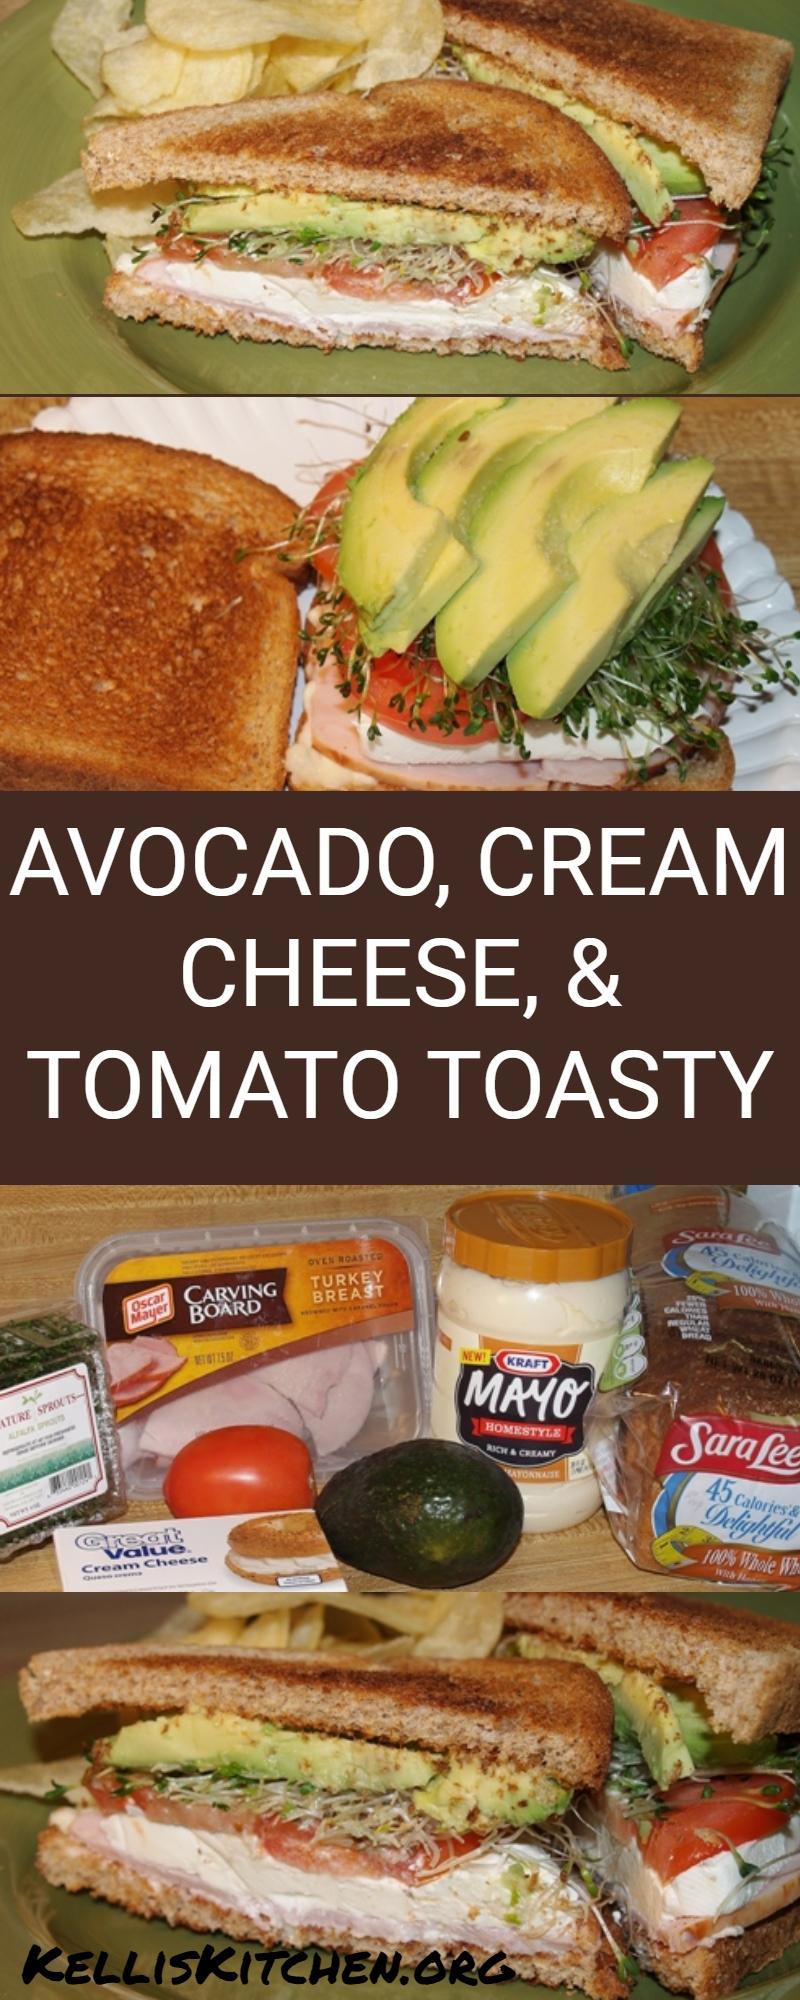 AVOCADO, CREAM CHEESE, AND TOMATO TOASTY via @KitchenKelli